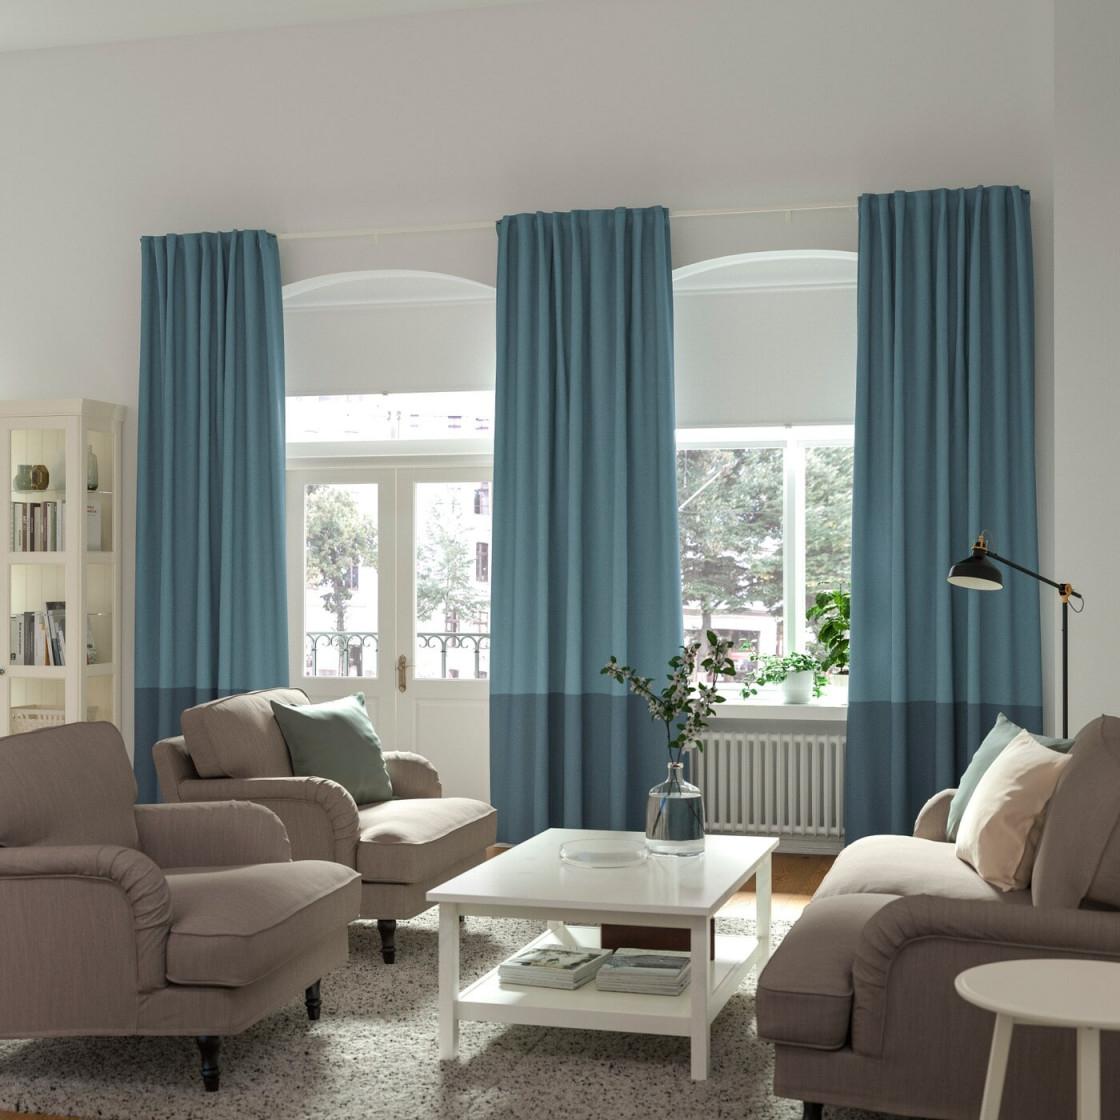 Gardinenideen Inspirationen Für Dein Zuhause  Ikea von Vorhänge Gardinen Wohnzimmer Bild